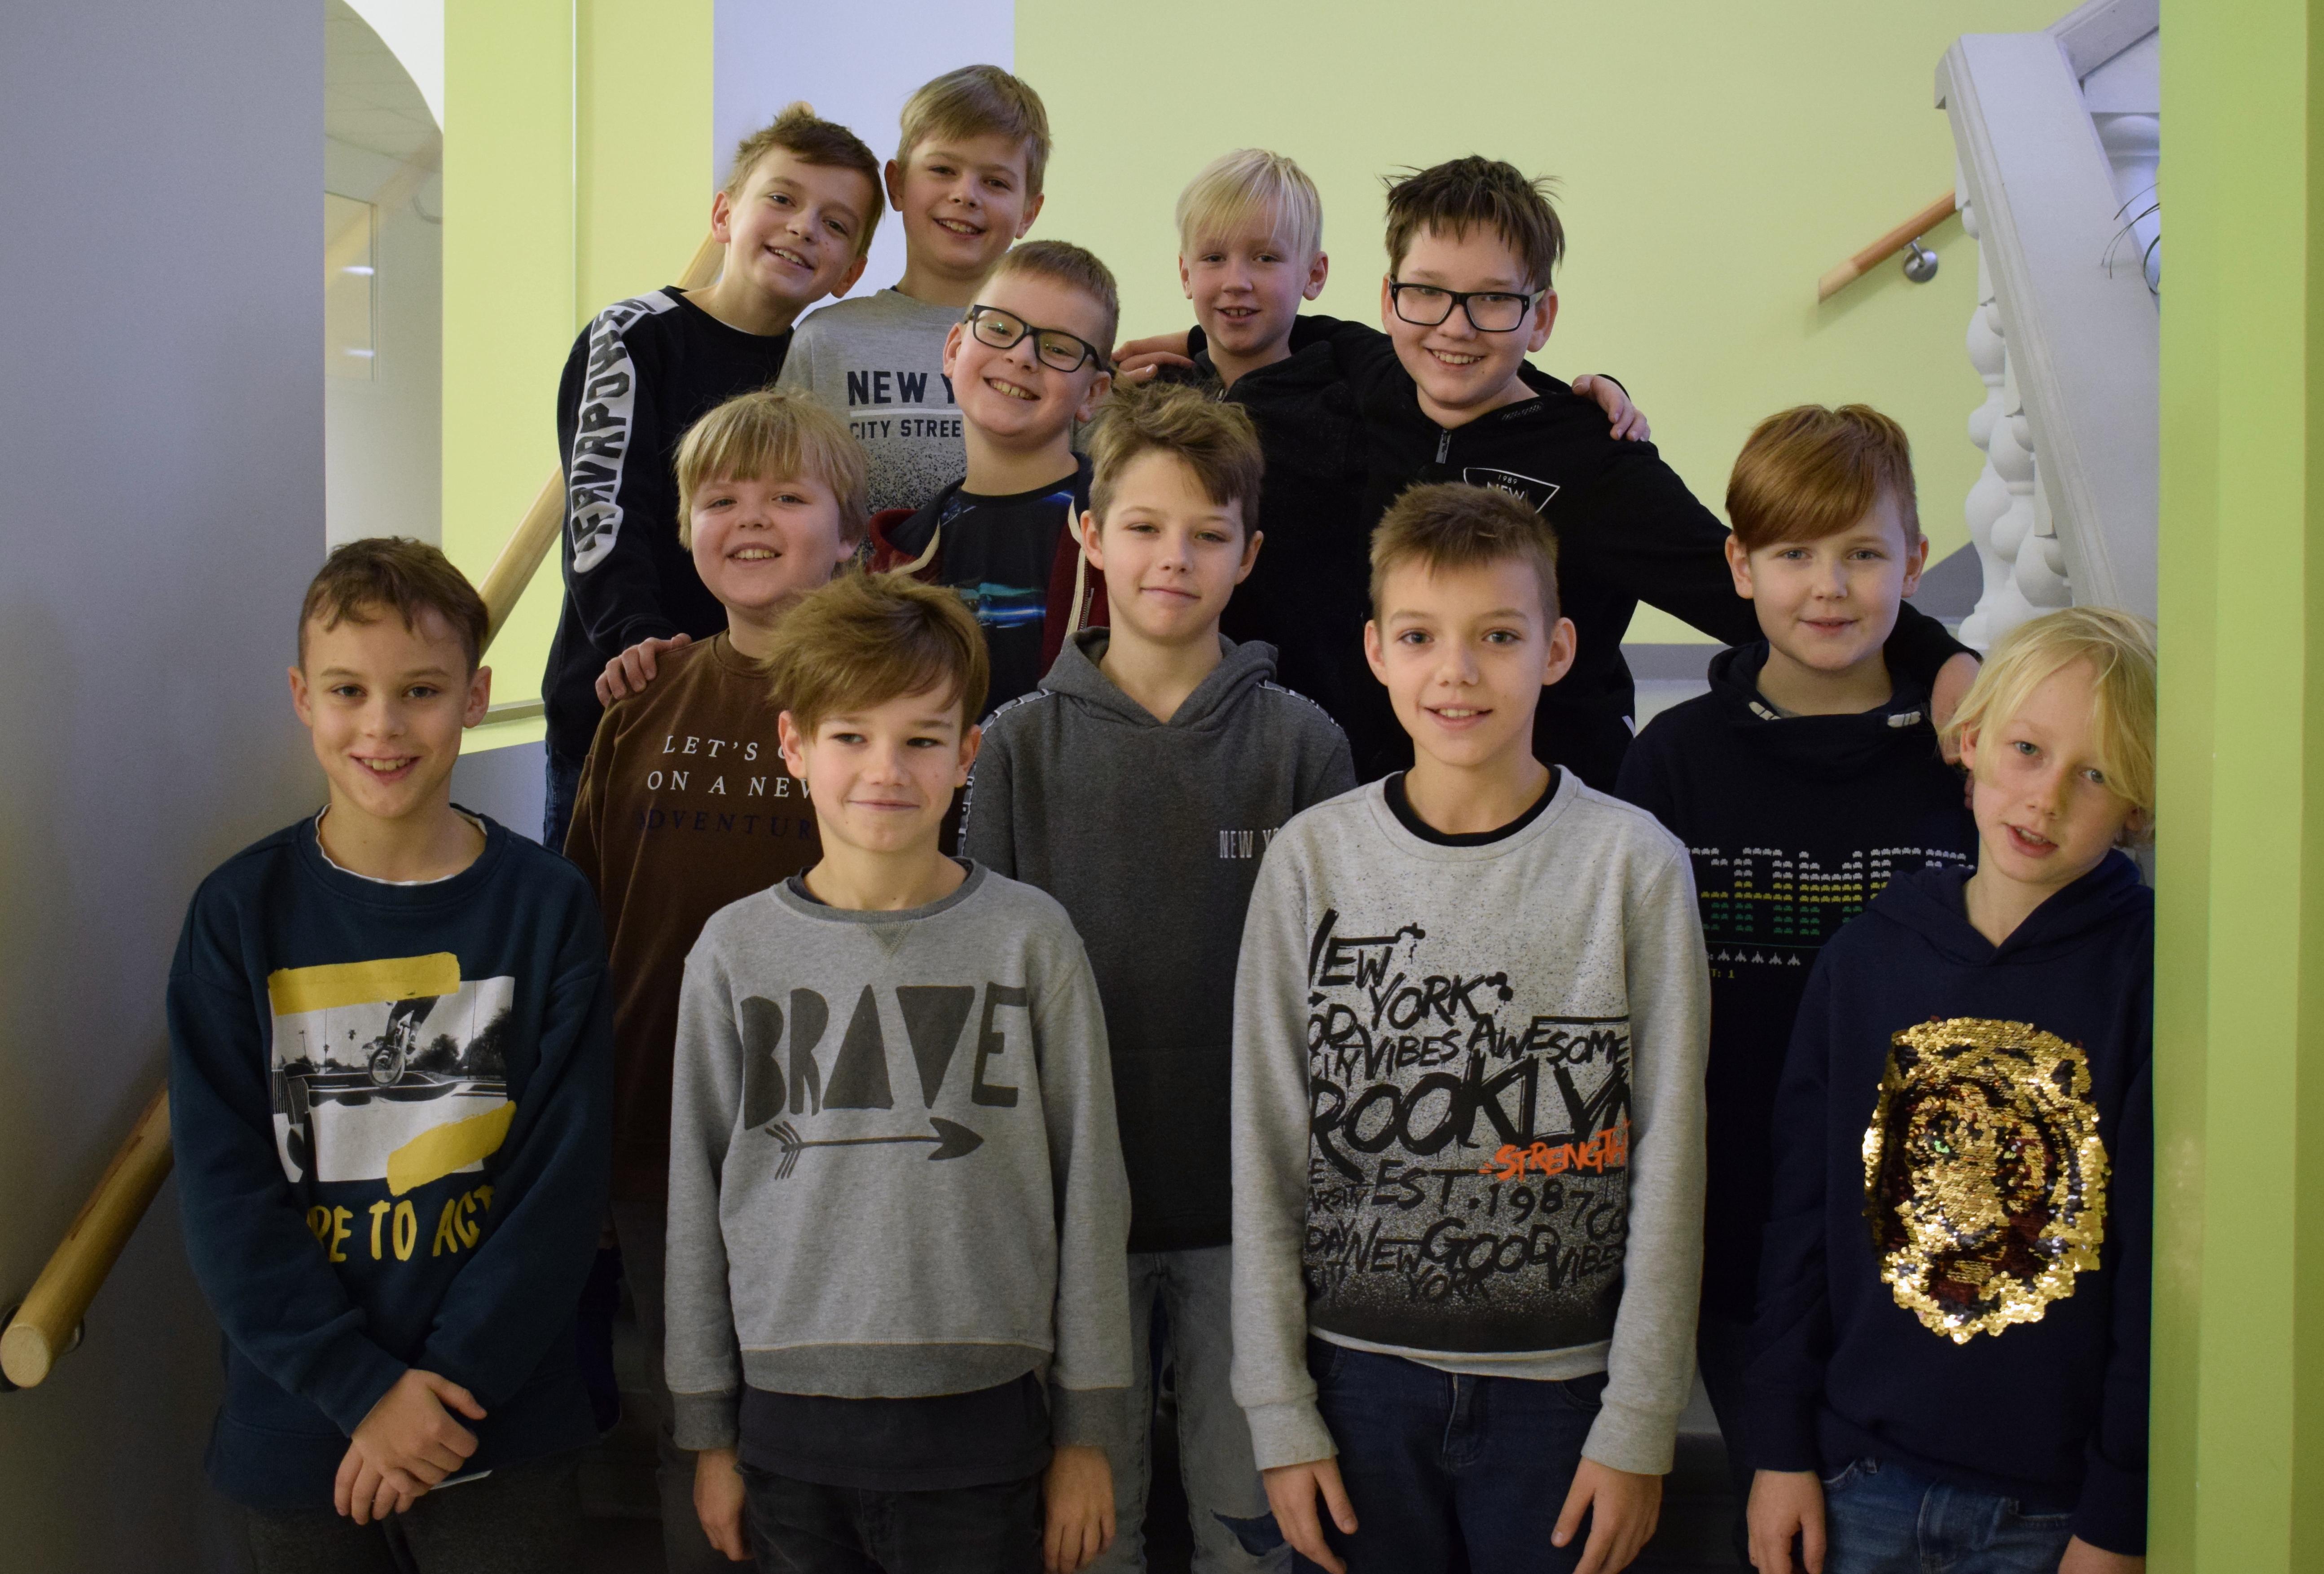 Centra sākumskolas zēnu vokālais ansamblis piedalās muzikālā uzvedumā un uzstājas visā Latvijā